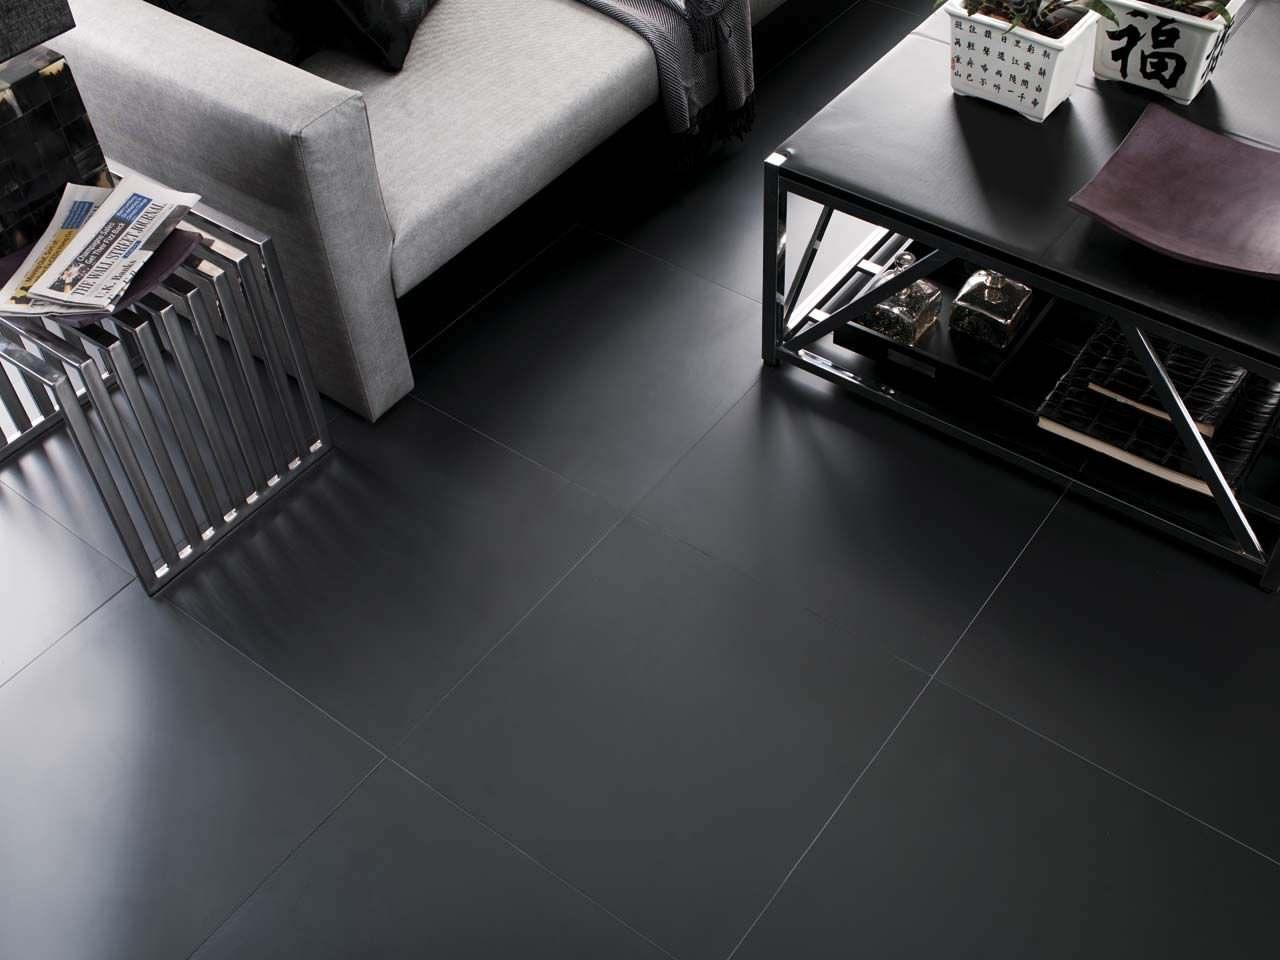 Indoor Tile Floor Porcelain Stoneware Matte Ston Ker Extrem Black